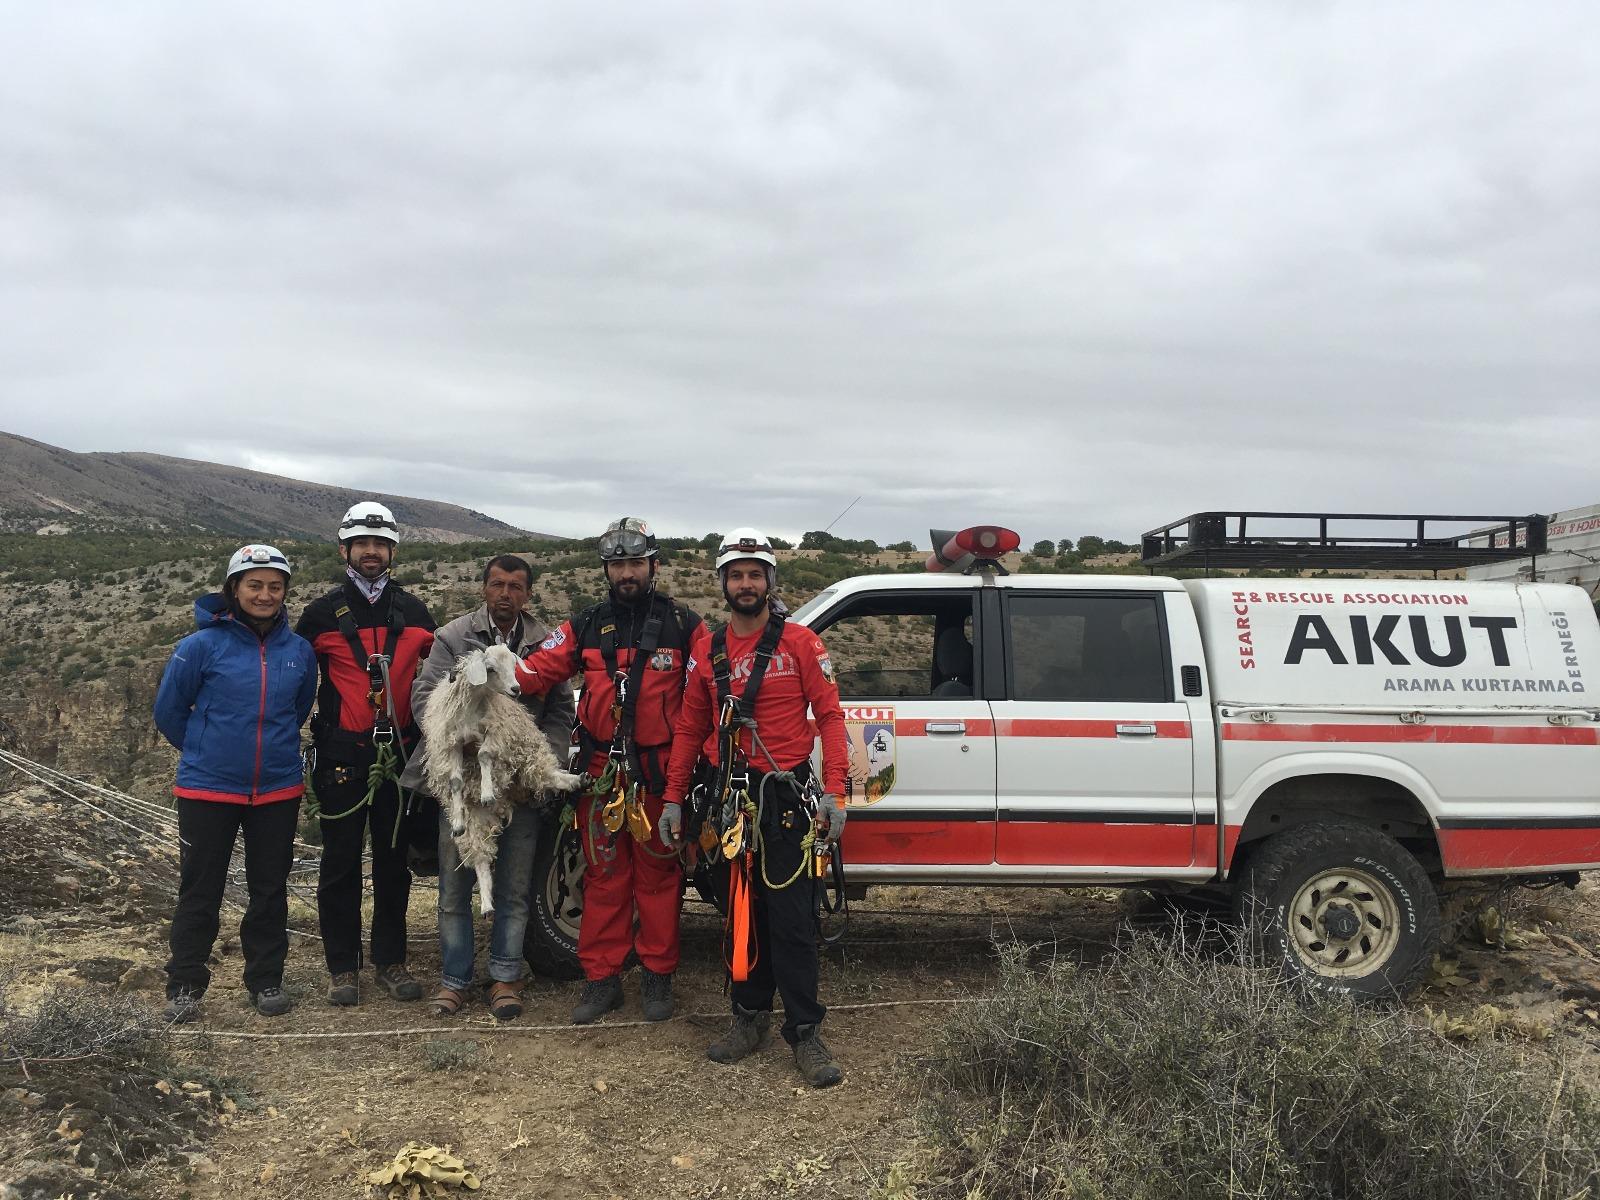 4 AKUT gönüllüsü mahsur kaldığı anlaşılan keçiyi teknik yöntemle kurtardı